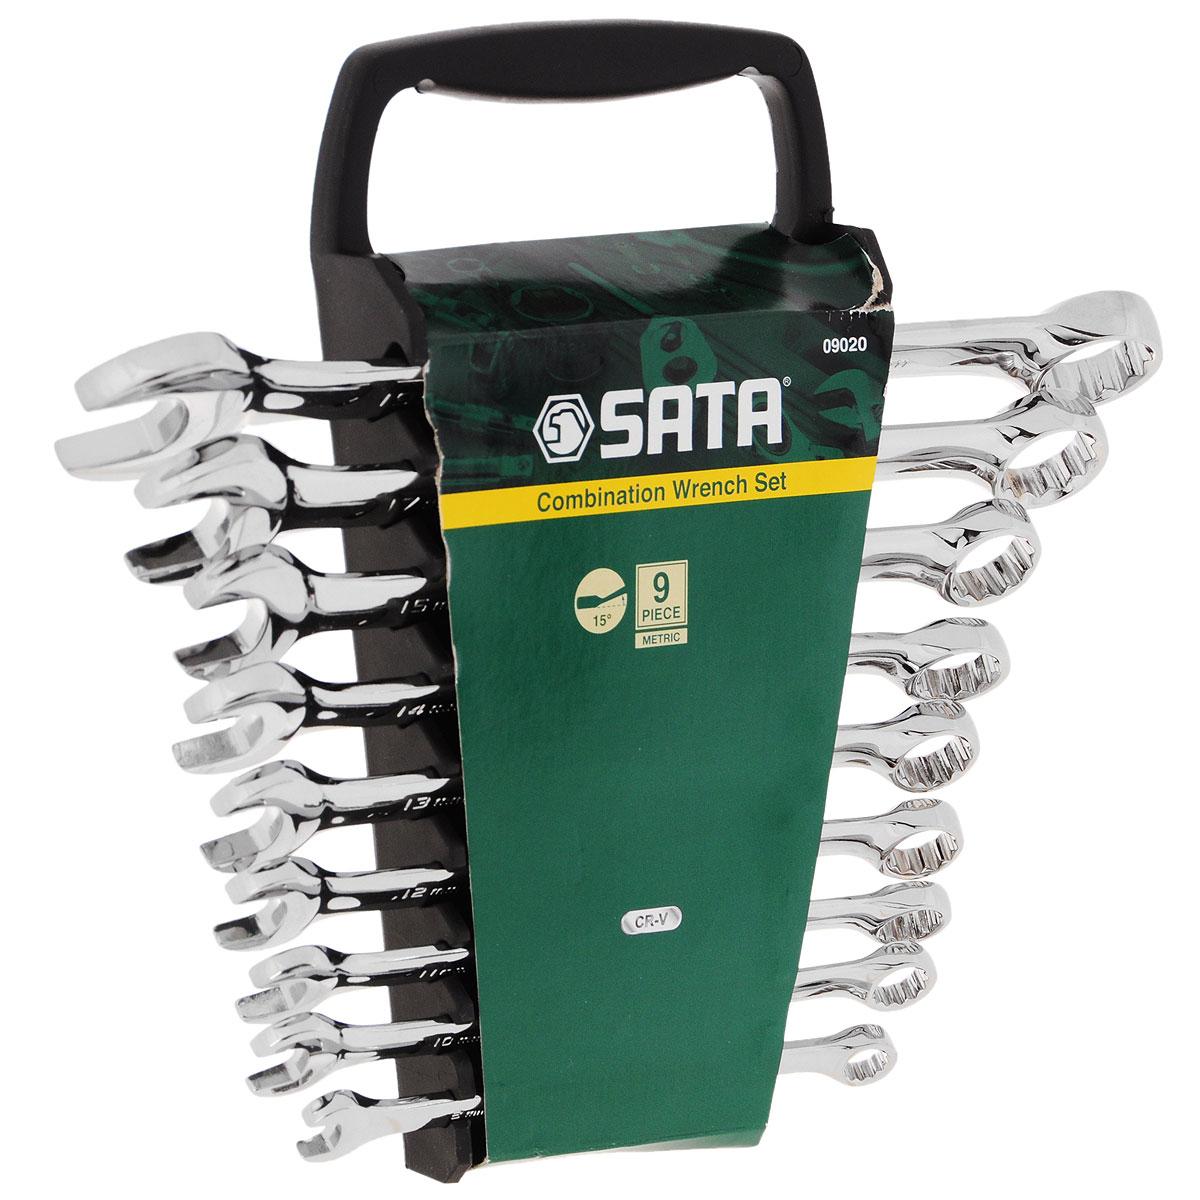 Набор ключей SATA 9пр. 0902098298130Набор инструментов Sata - это необходимый предмет в каждом доме и автомобиле. Набор прекрасно подойдет для проведения ремонтных работ в домашних условиях. Все инструменты выполнены из высококачественной хромованадиевой стали стали.В состав набора входят метрические комбинированные ключи размером: 8 мм, 10 мм, 12 мм, 13 мм, 14 мм, 15 мм, 17 мм, 19 мм.